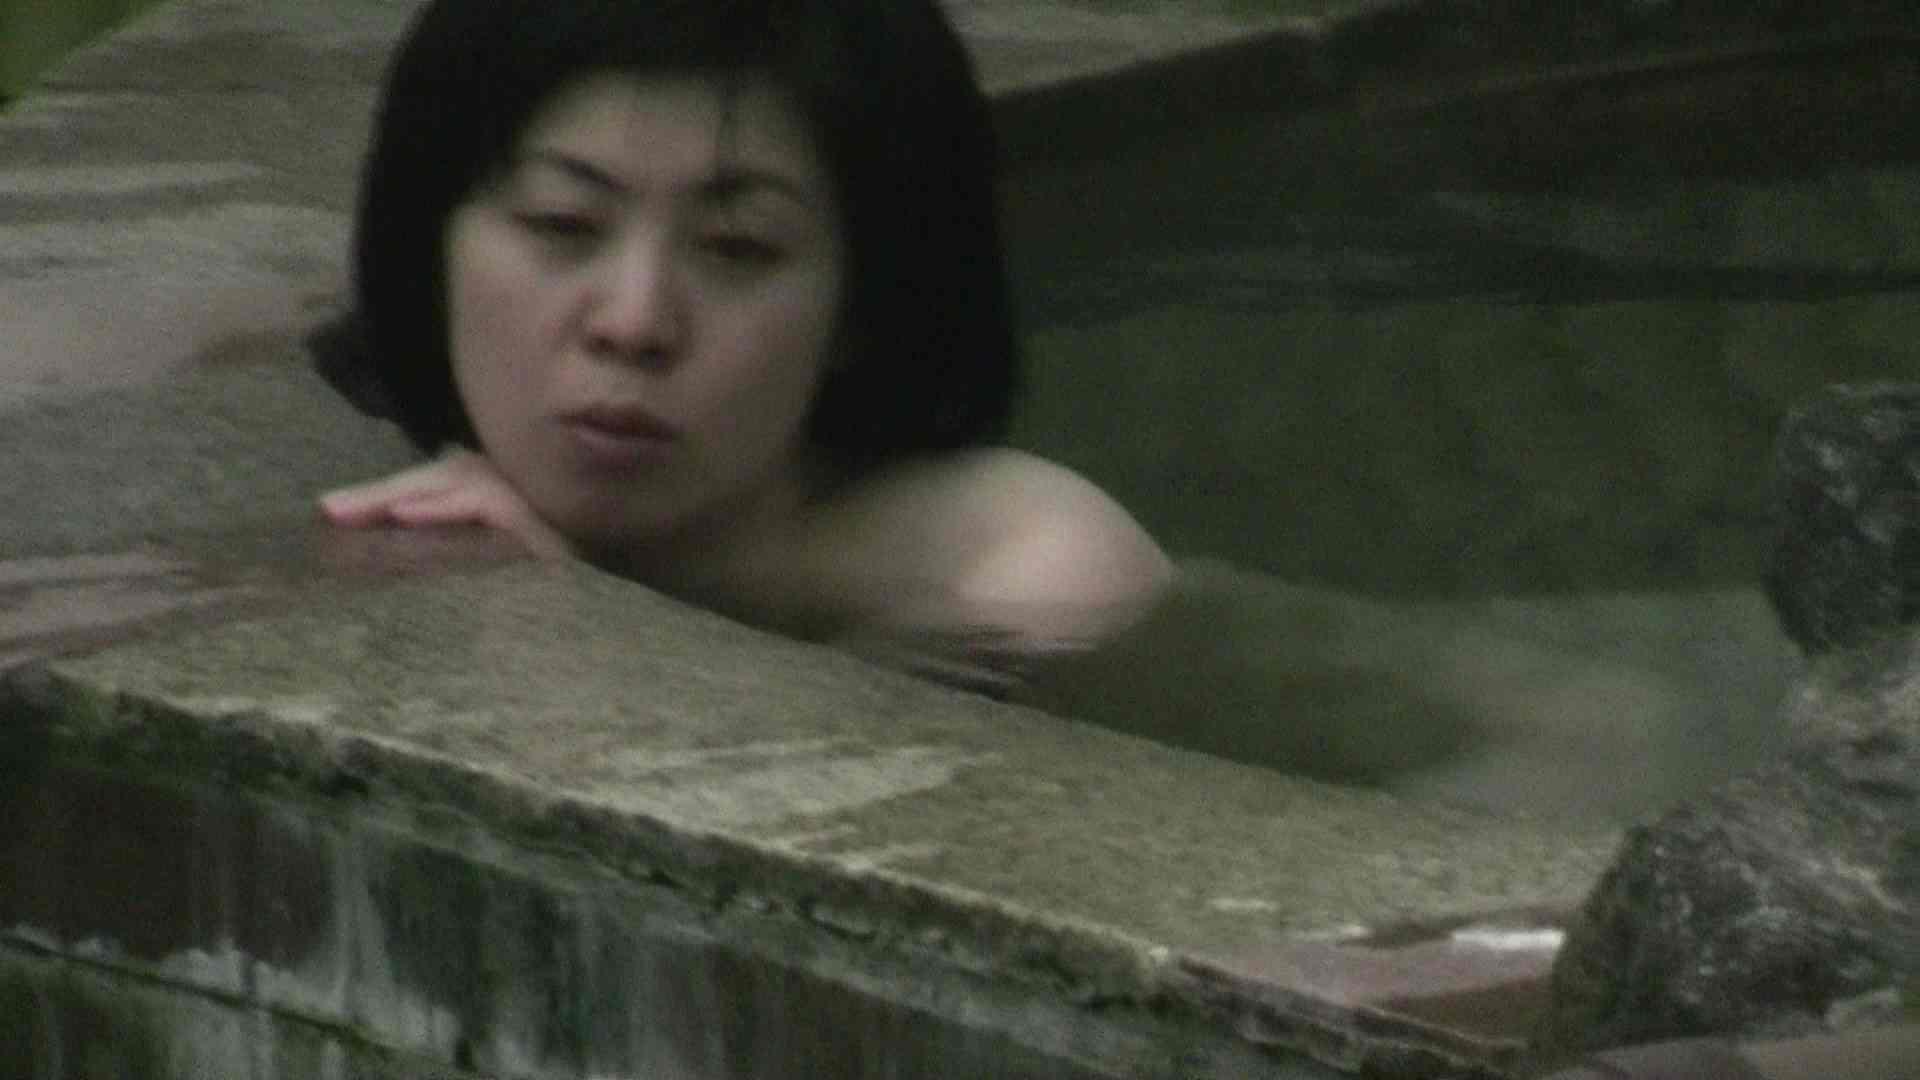 Aquaな露天風呂Vol.685 盗撮シリーズ  95PIX 56